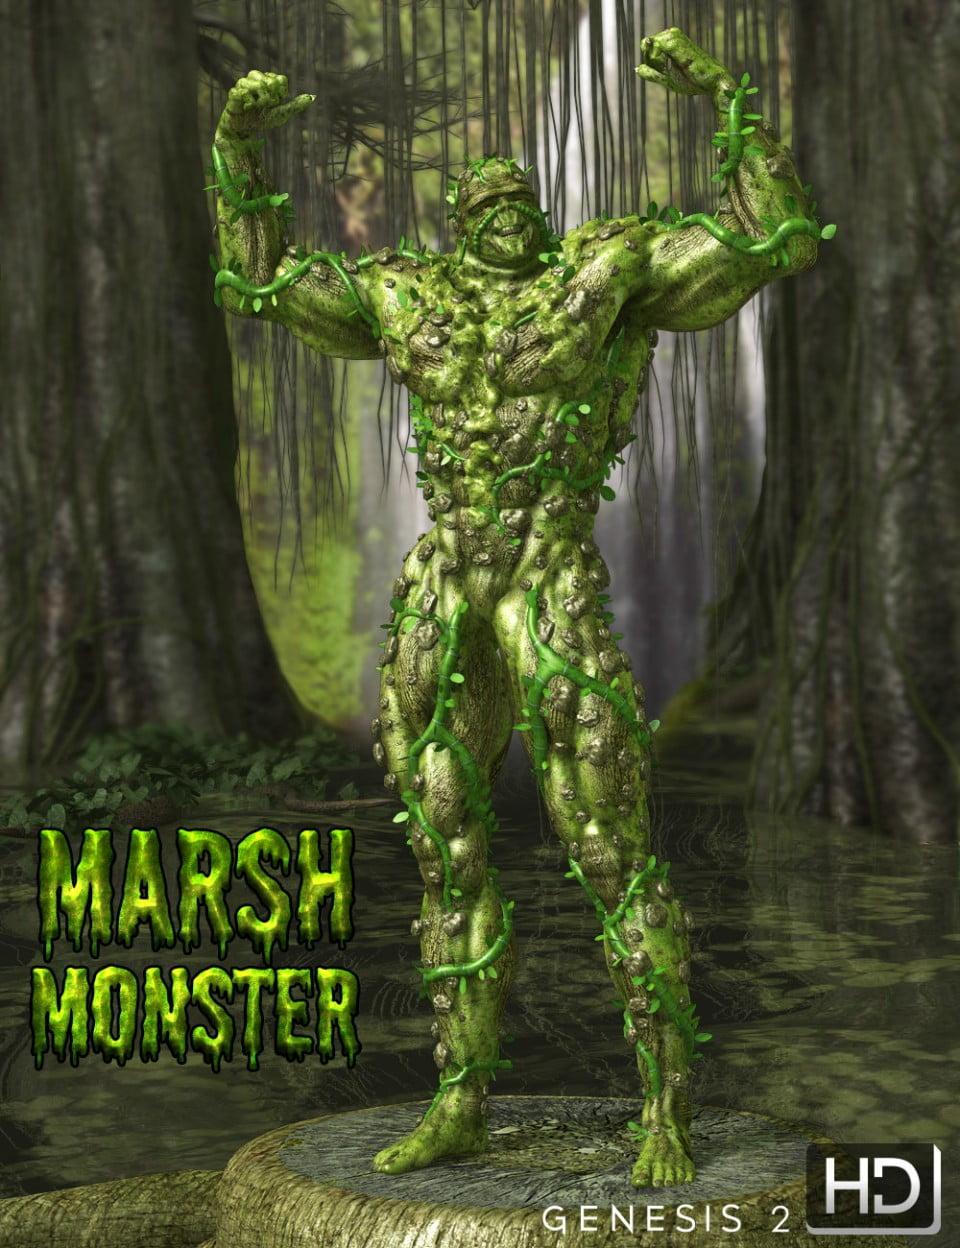 00-main-marsh-monster-hd-daz3d